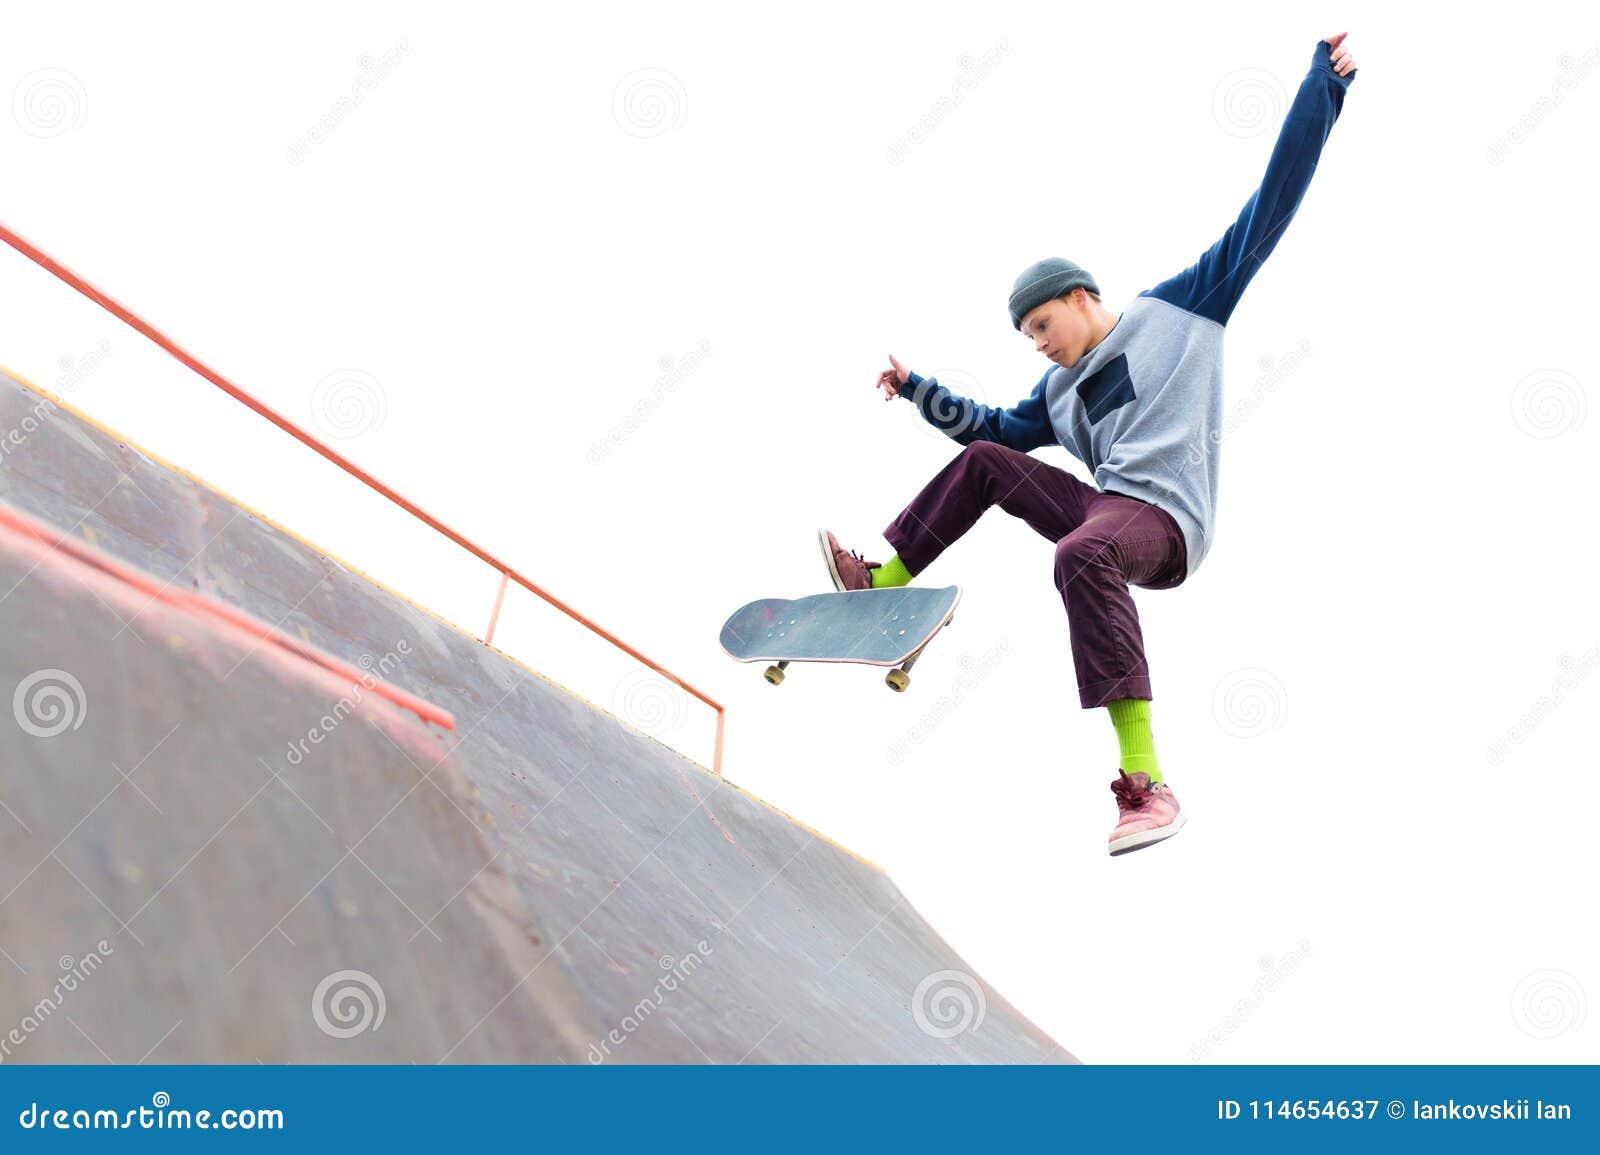 盖帽的少年溜冰板者做与一个跃迁的一个把戏在skatepark的舷梯 溜冰者和舷梯